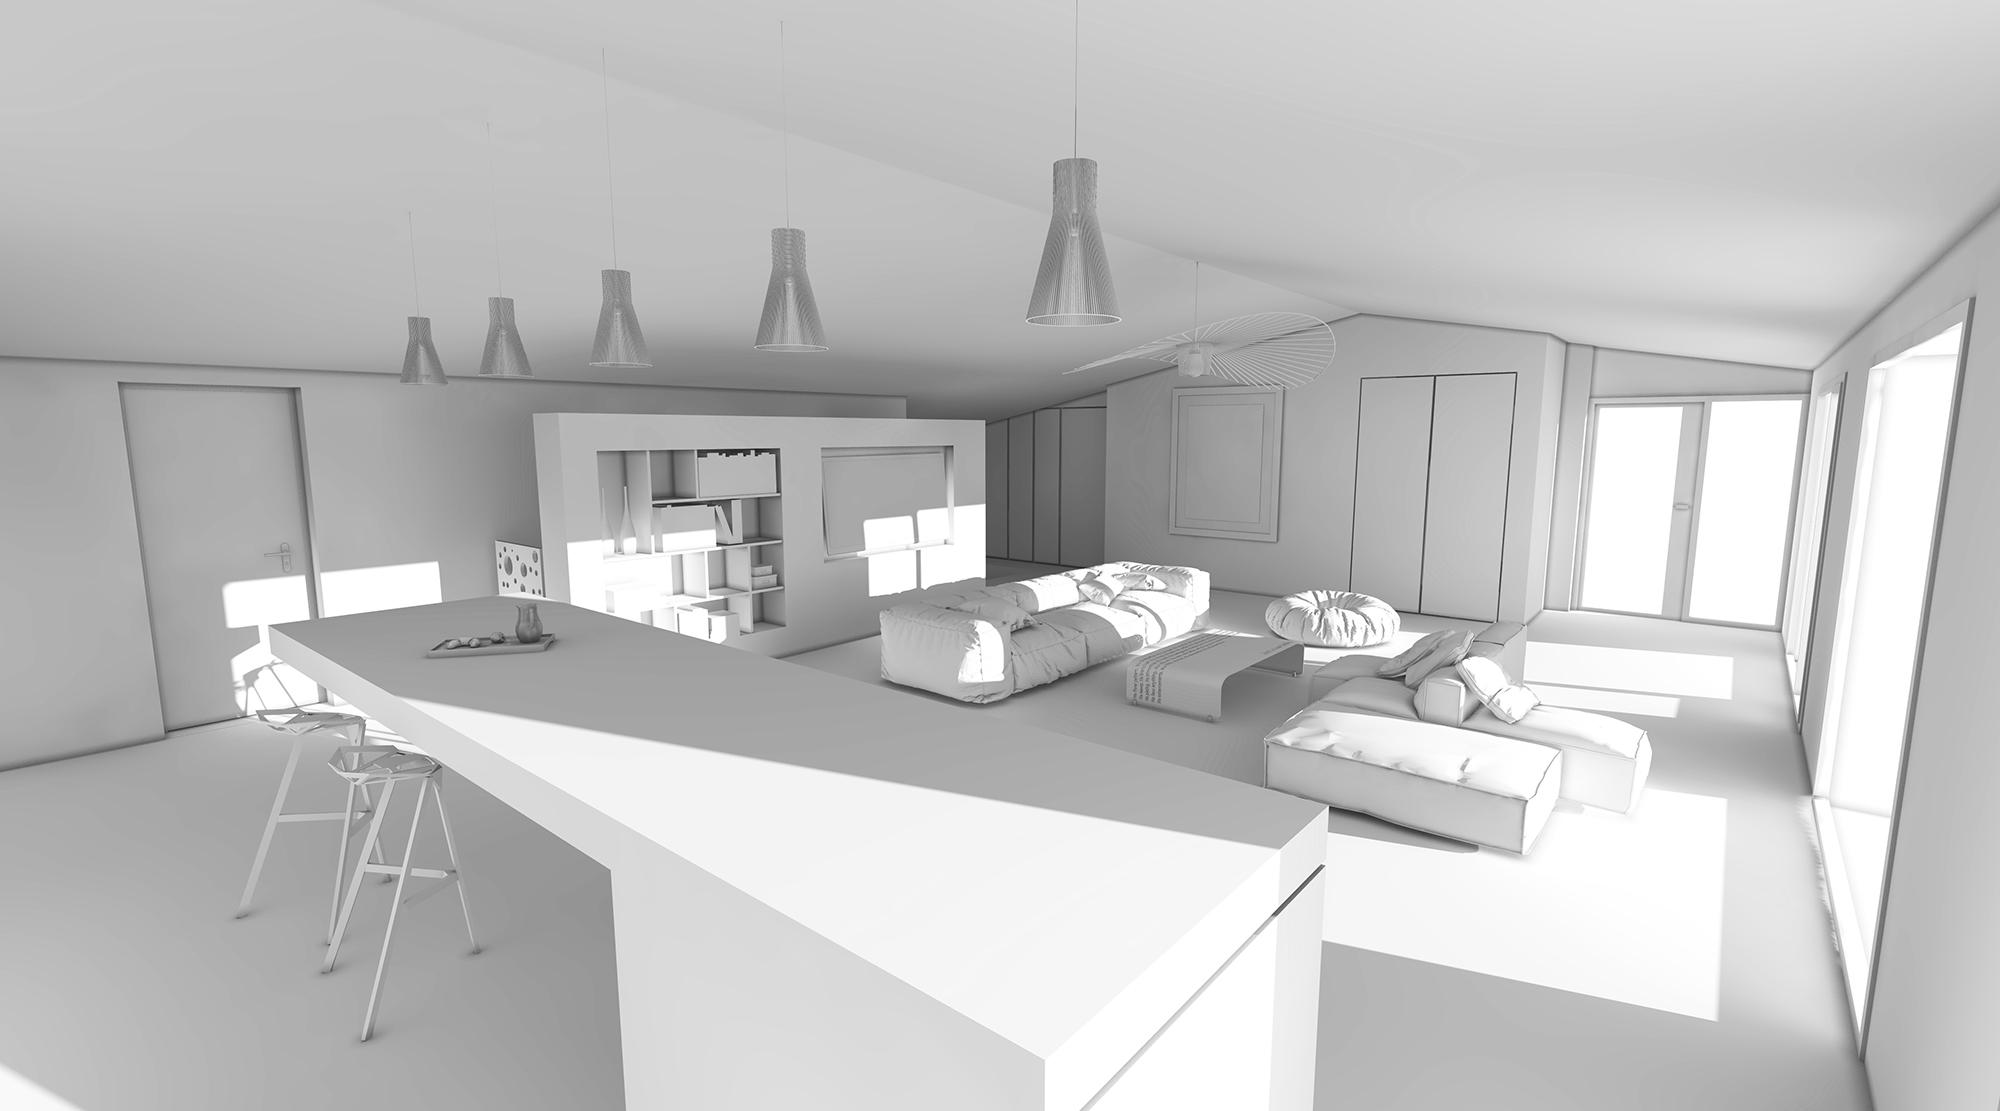 Chouette-architecture-Talant-Réhabilitation-maison-2000-3